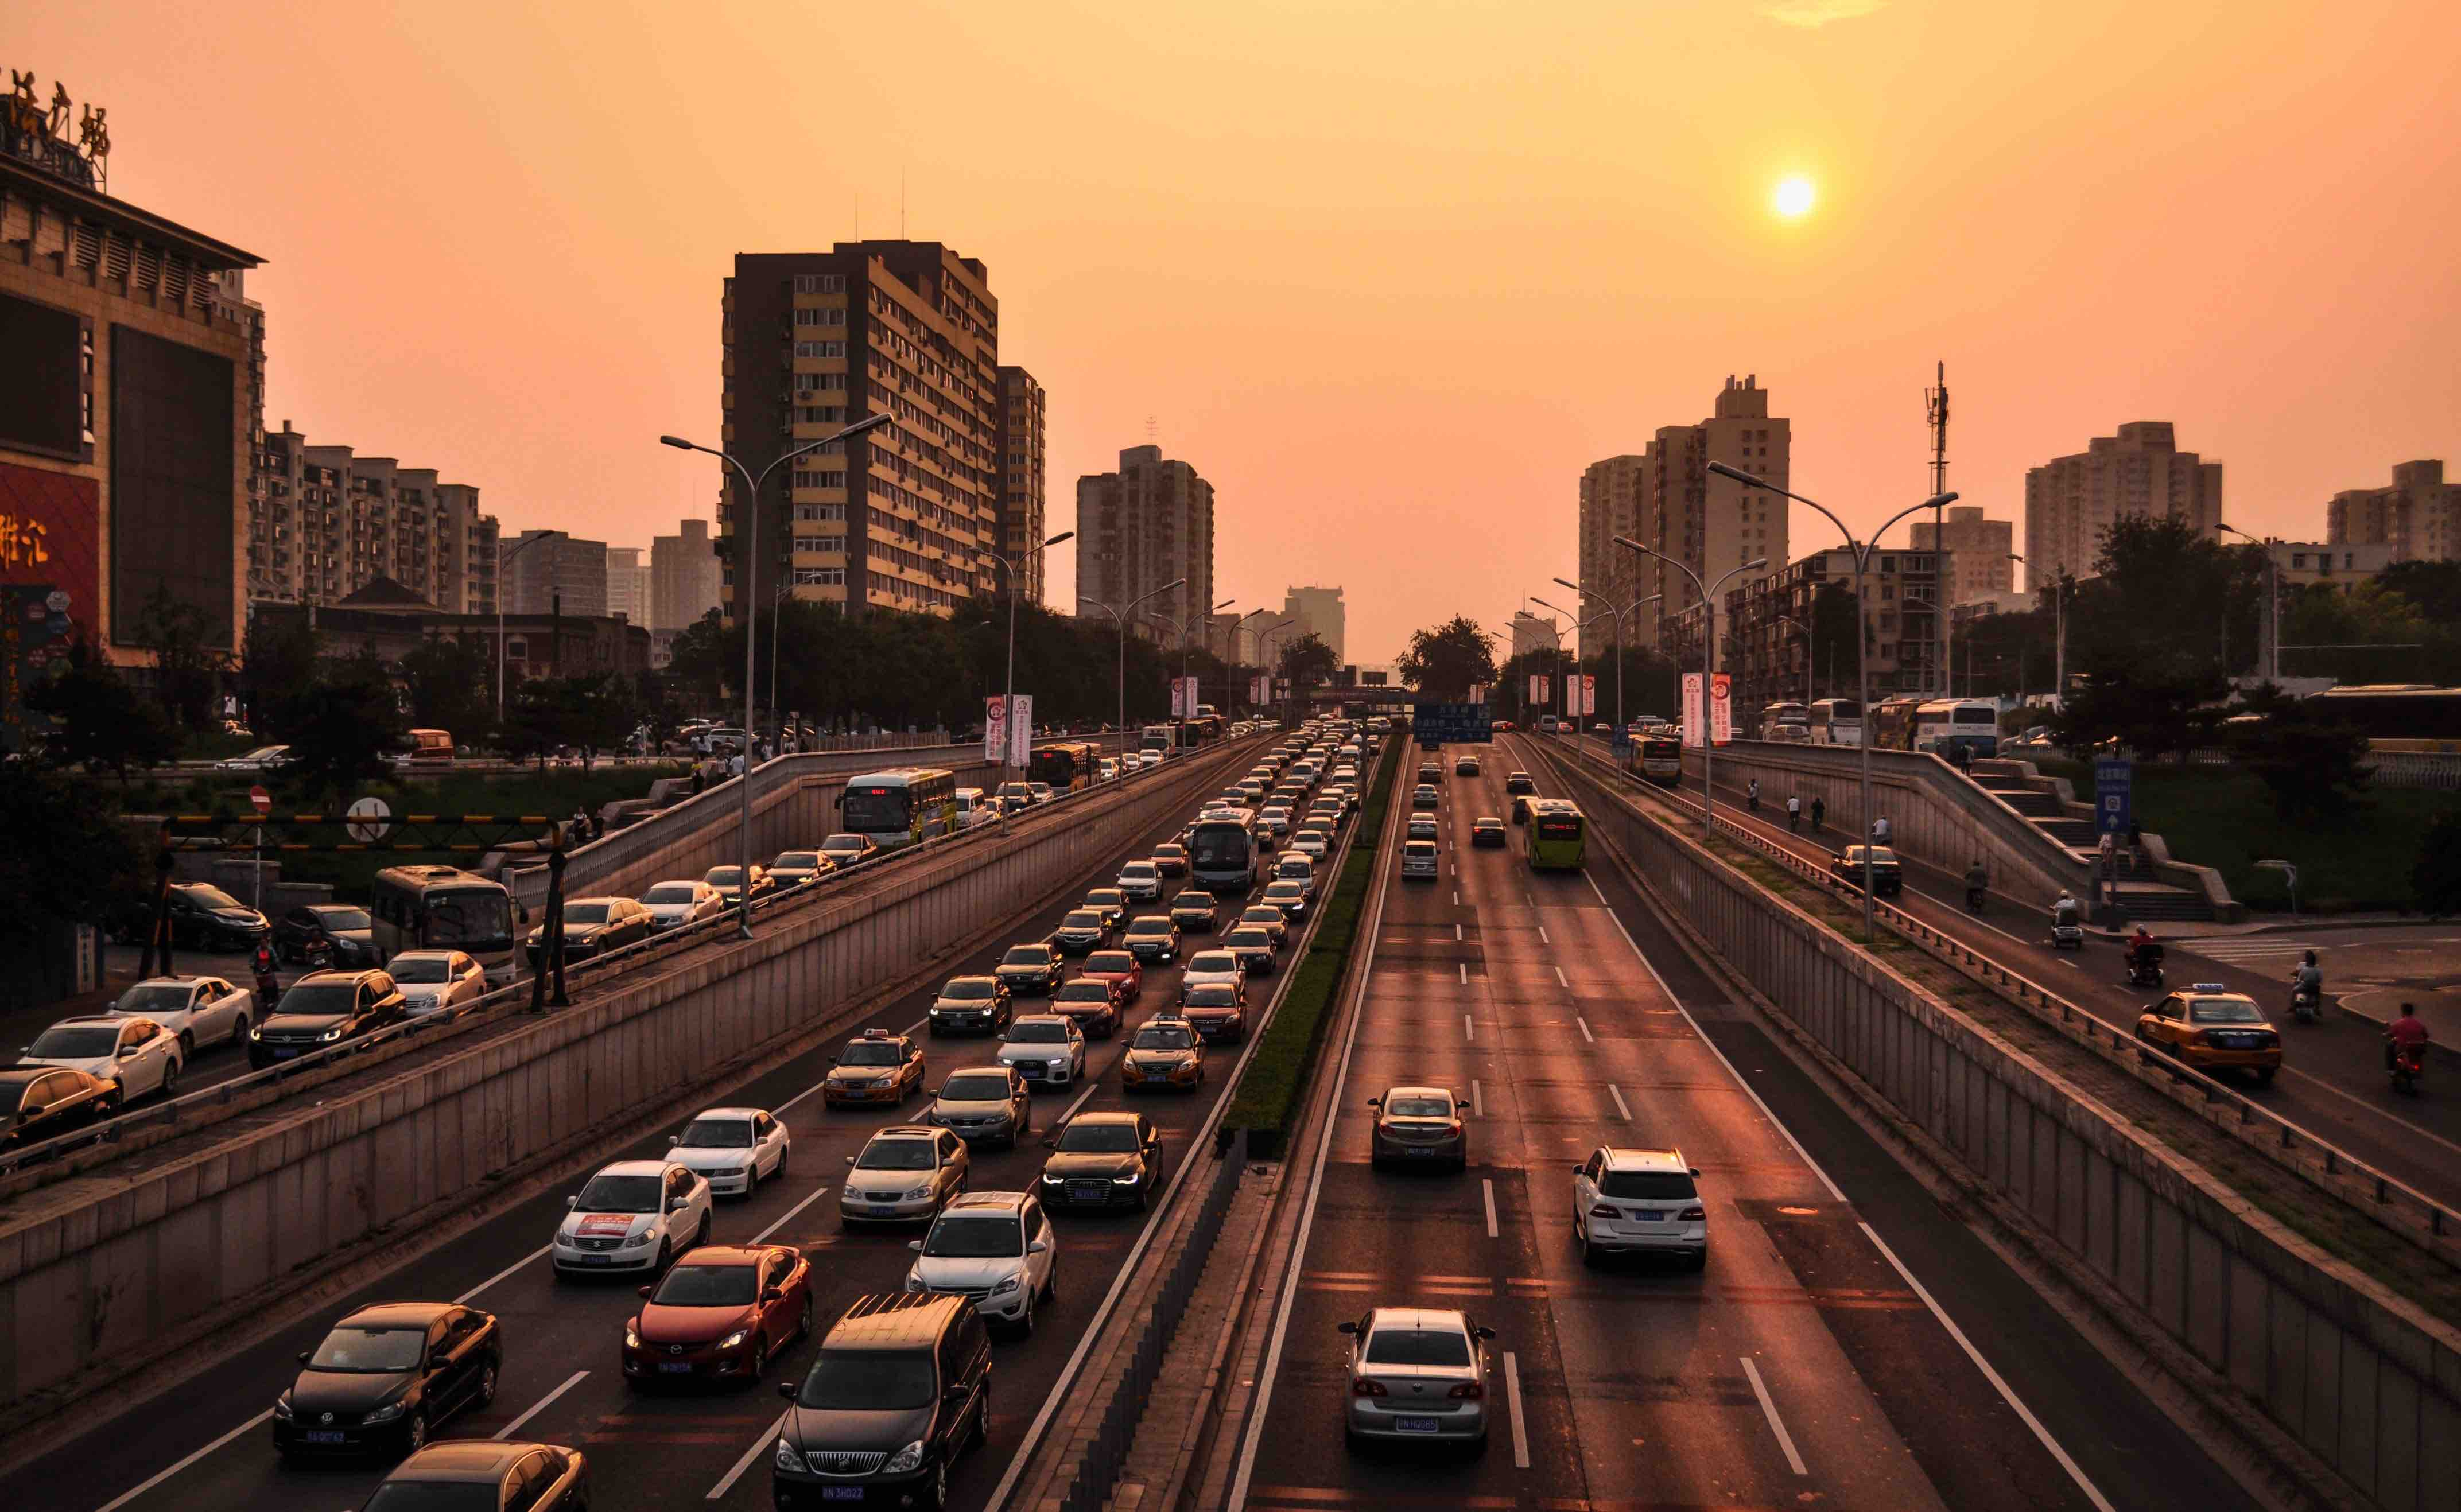 Le data-égoïsme et les infrastructures connectées